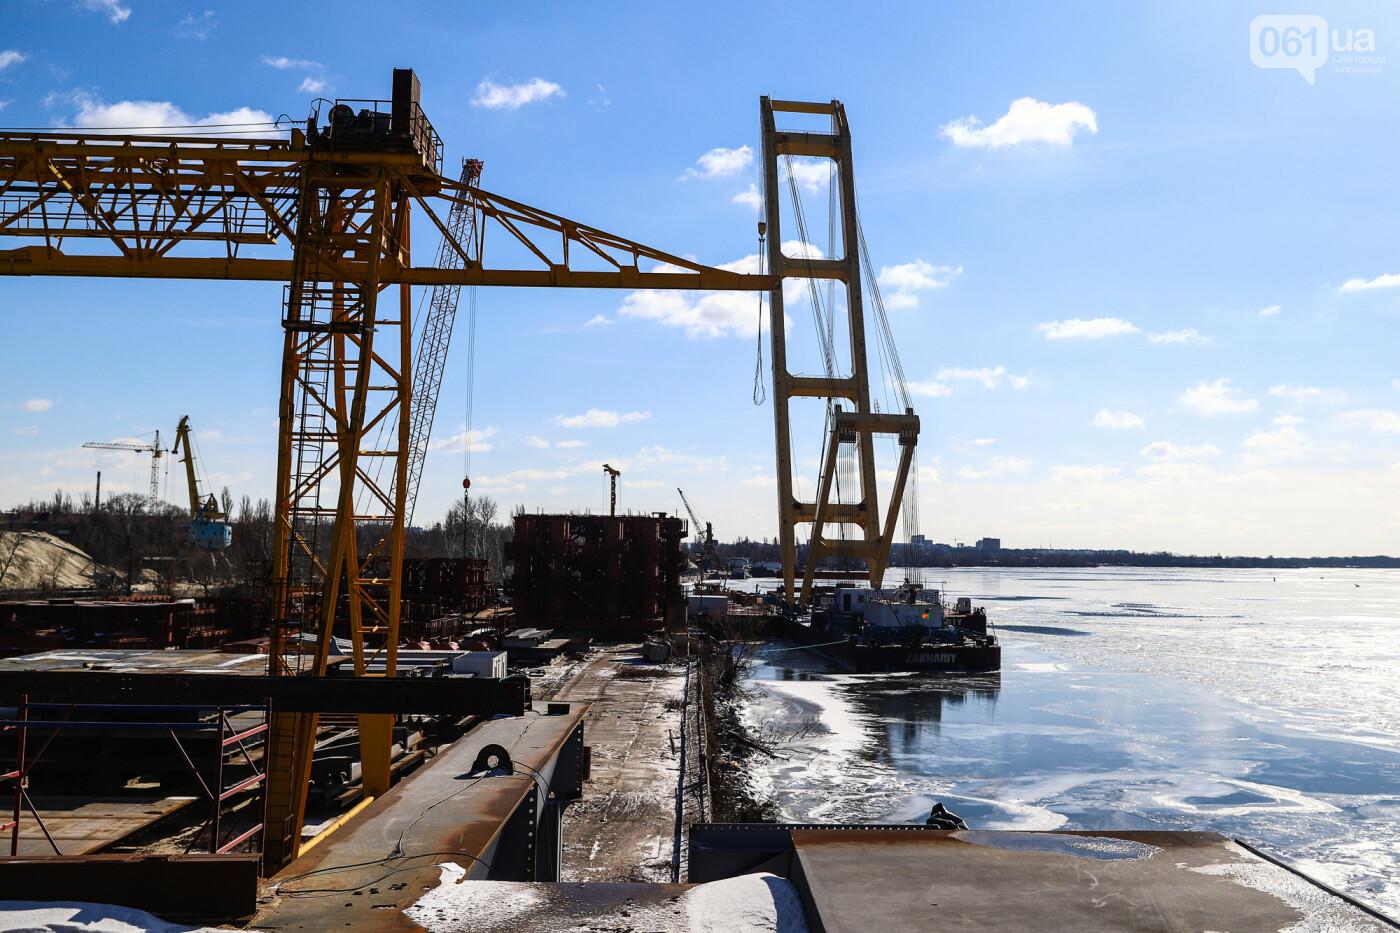 Кран с иностранной пропиской, ванты и металл: строительство запорожских мостов в фотографиях, фото-3